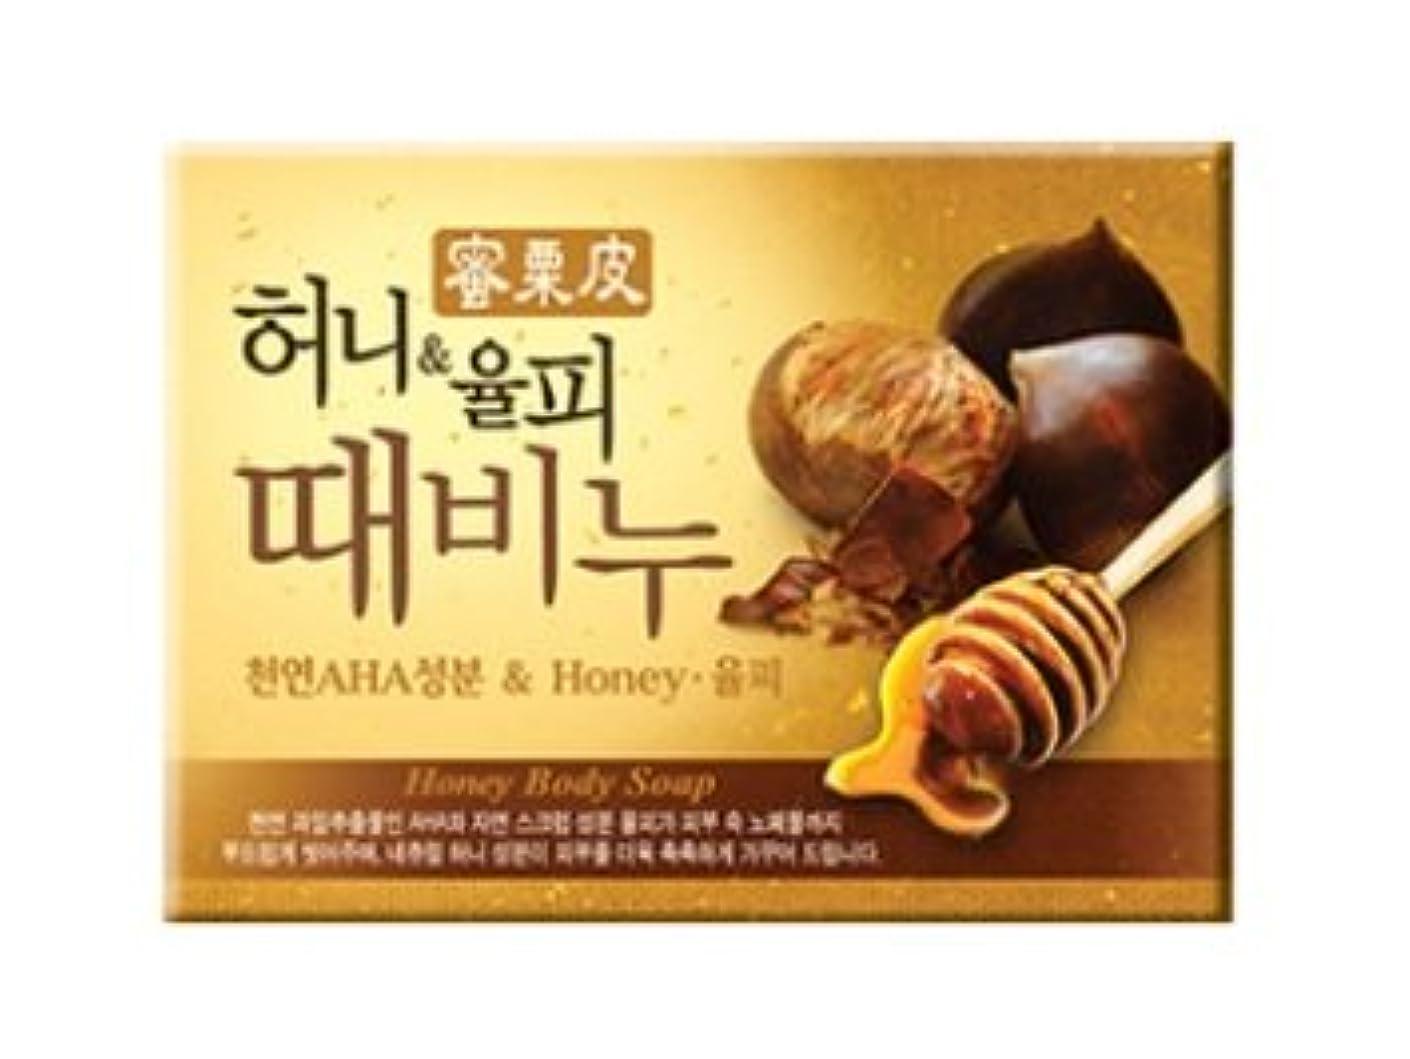 あそこ家庭解任ハニー栗皮 ソープ 100g / Honey Body Soap [並行輸入品]